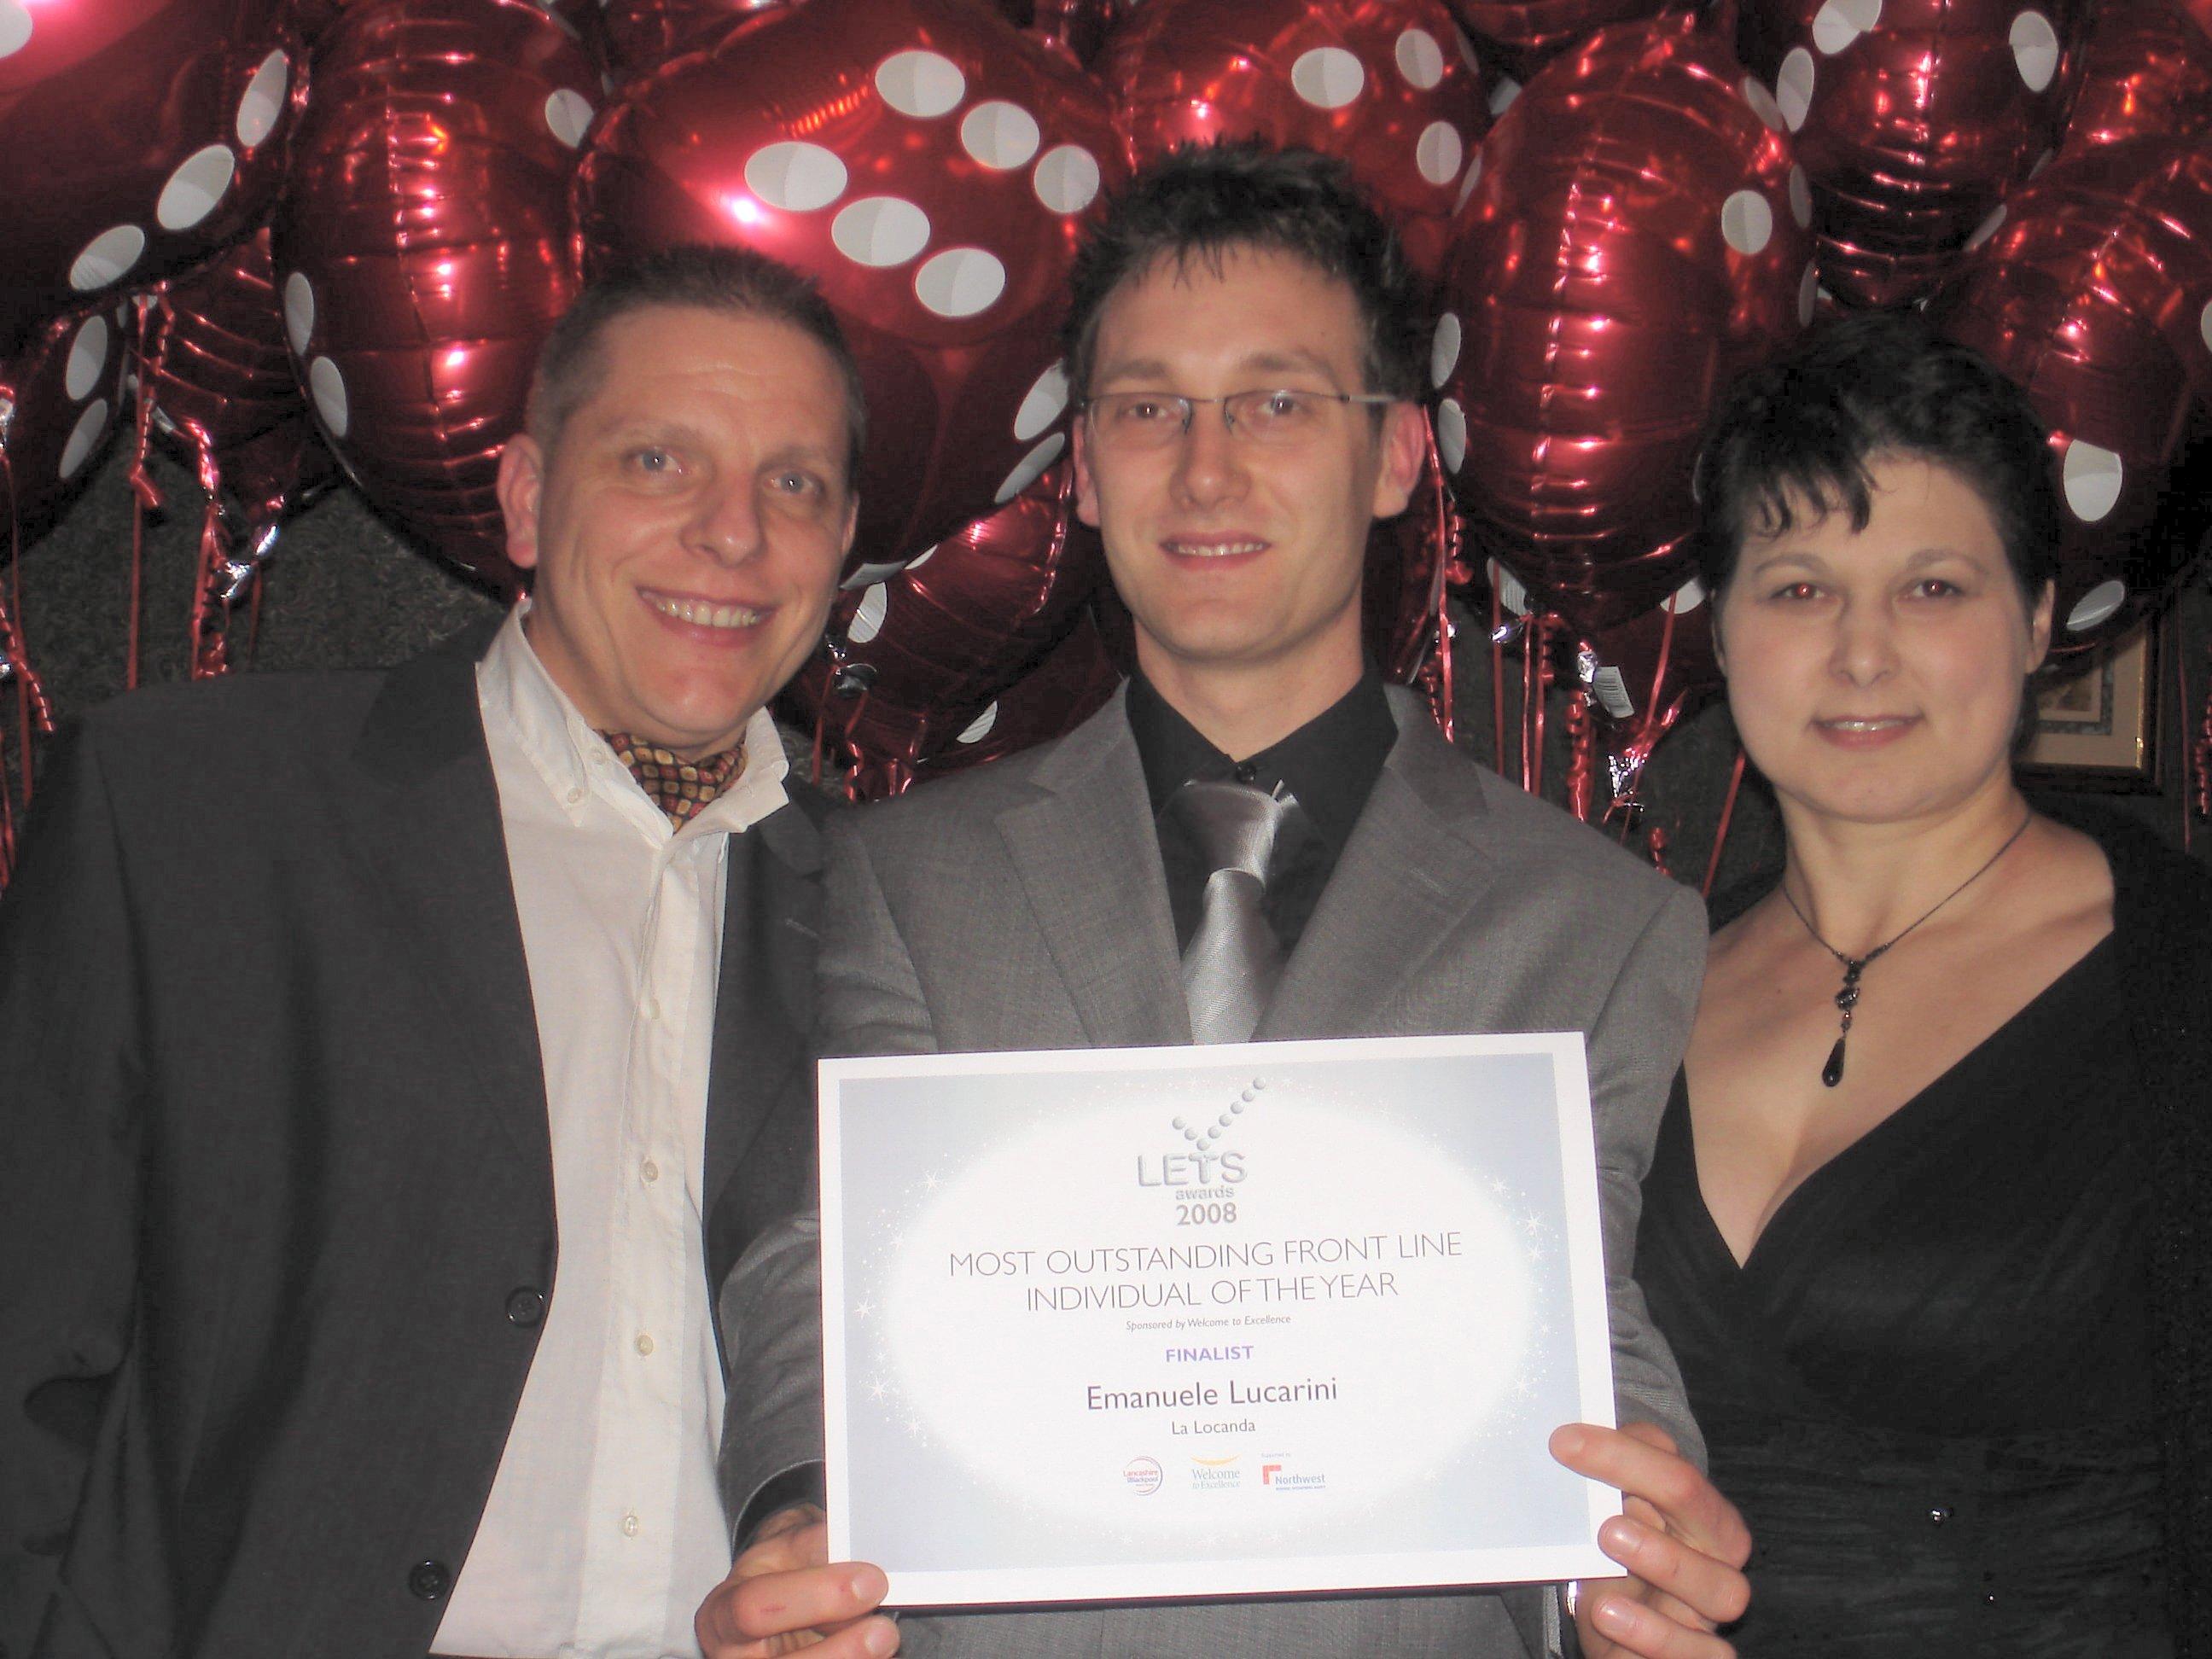 Maurizio, Emanuele and Cinzia